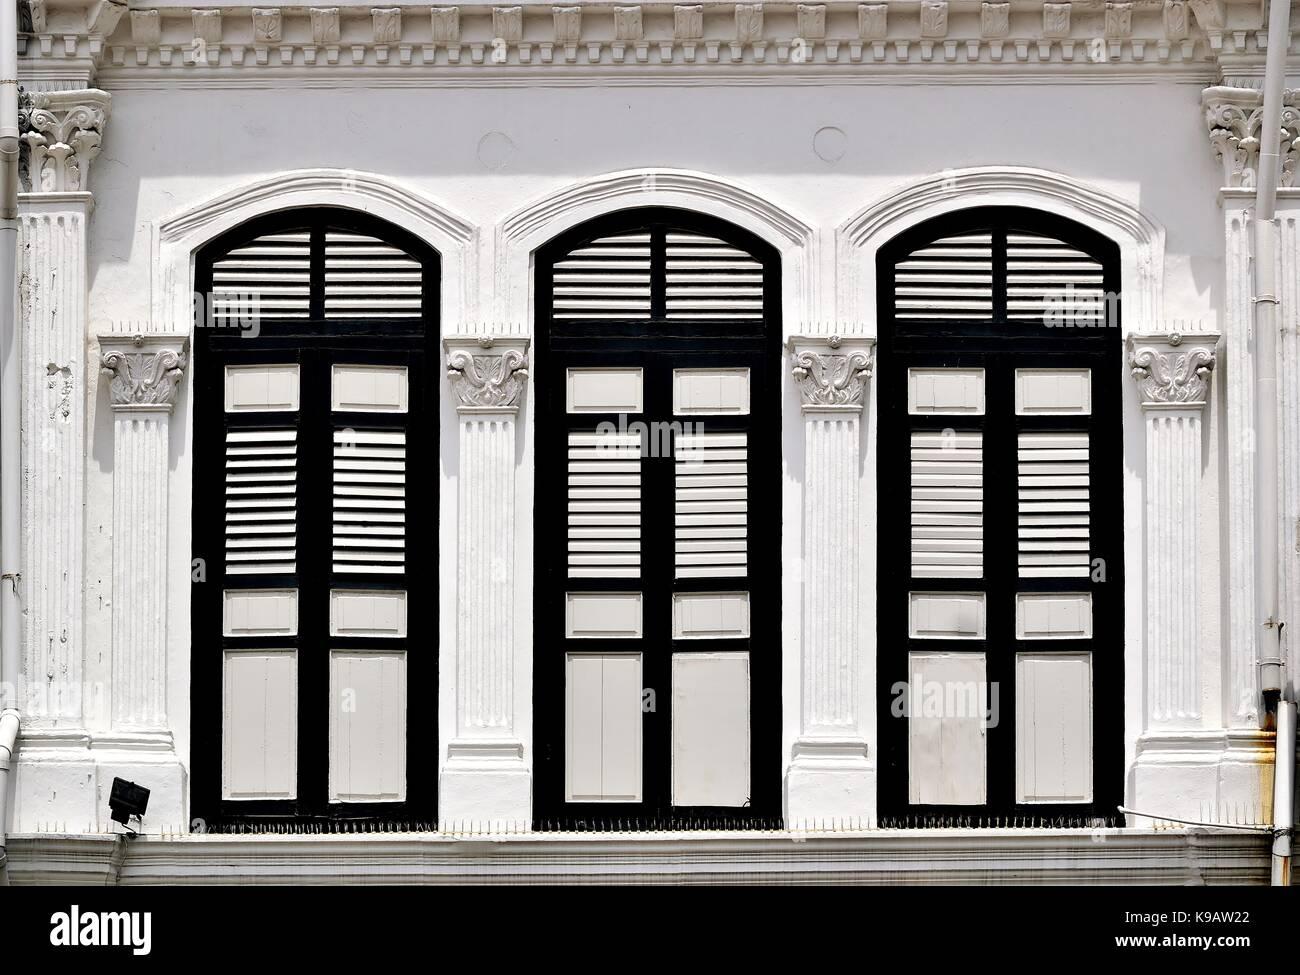 Elegant Traditionelle Singapur Shop Haus Außen Mit Bogenfenster, Weiße Hölzerne  Lamellenfensterläden Und Korinthische Säulen In Der Historischen Duxton  Bereich.